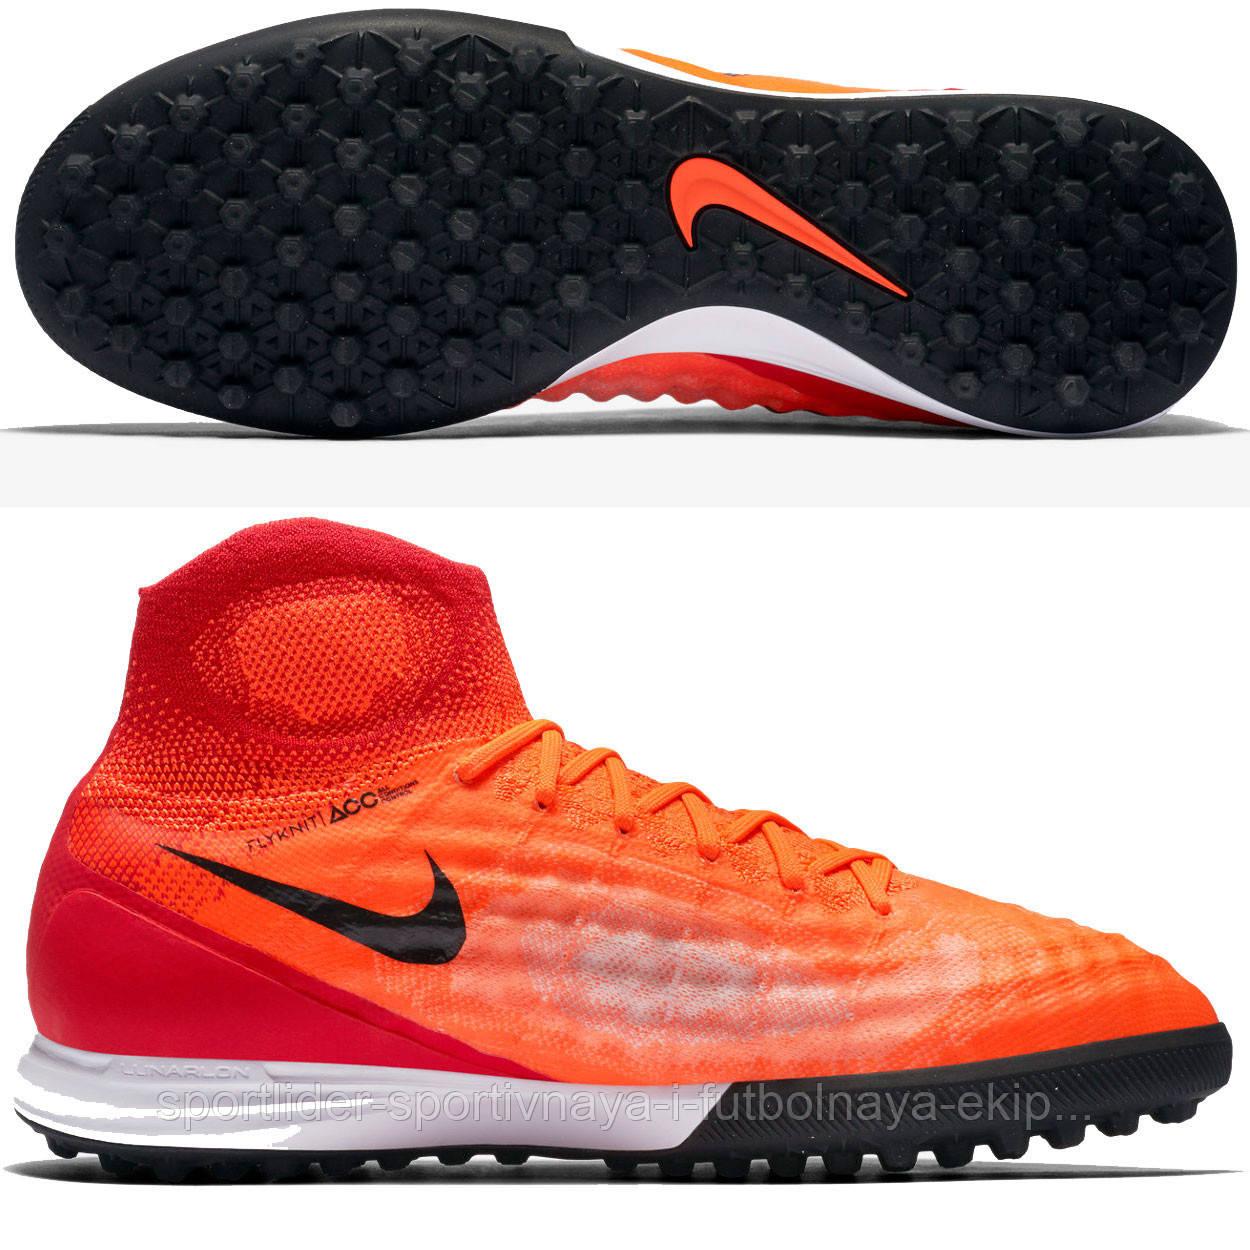 e7999b35 Сороконожки Nike MagistaX Proximo II DF TF 843958-805: продажа, цена ...